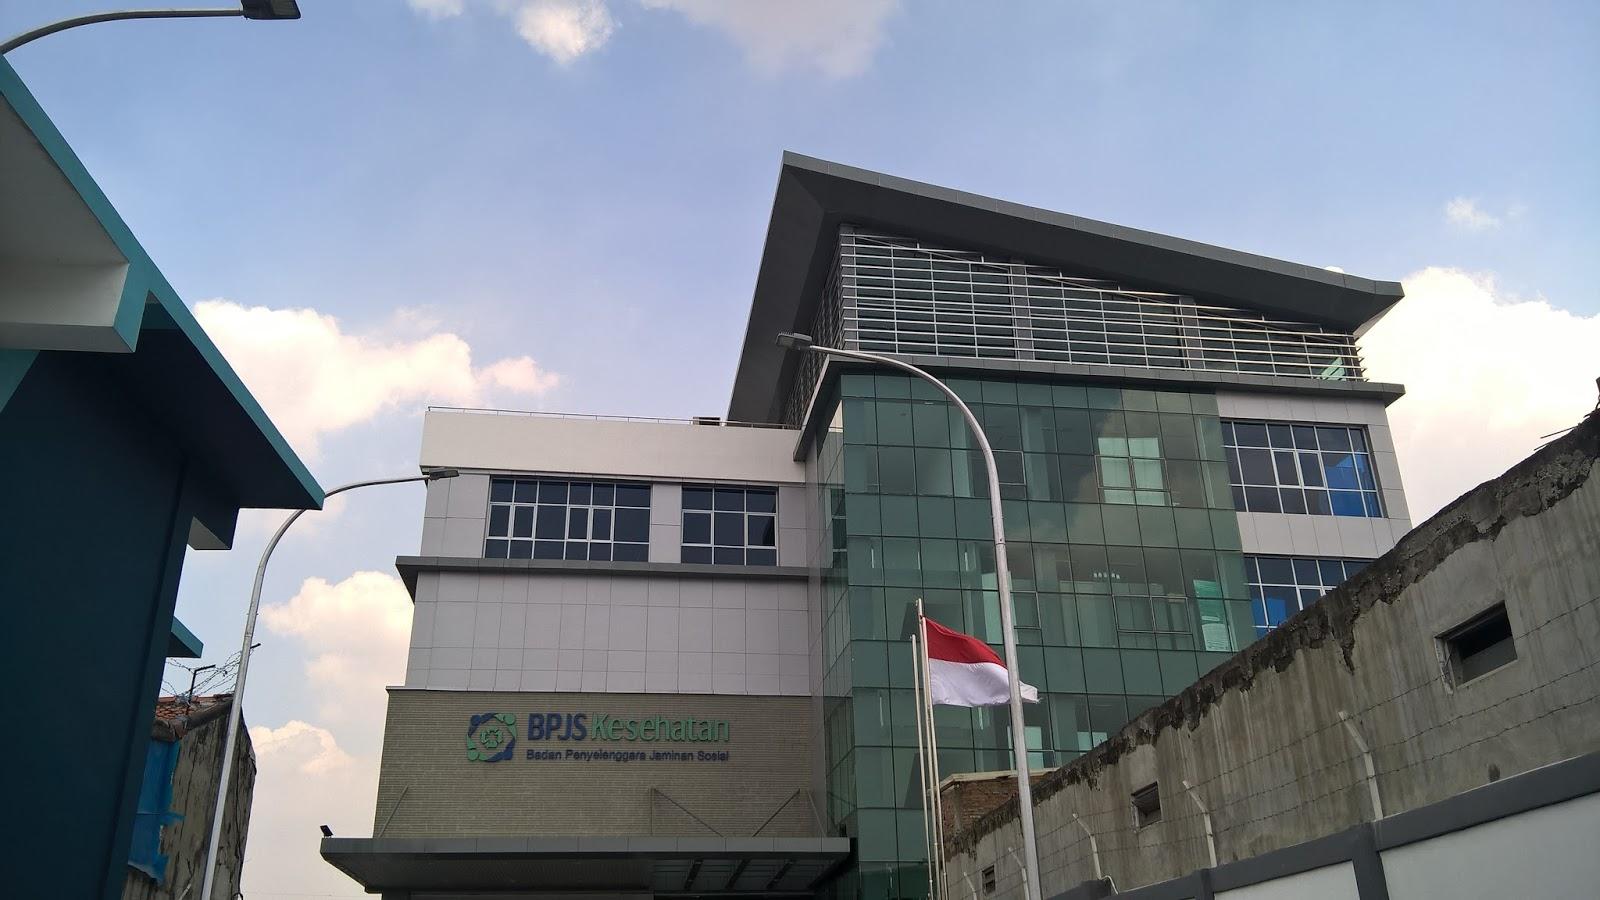 Kantor Bpjs Kesehatan Di Plumpang Semper Djangkaru Bumi